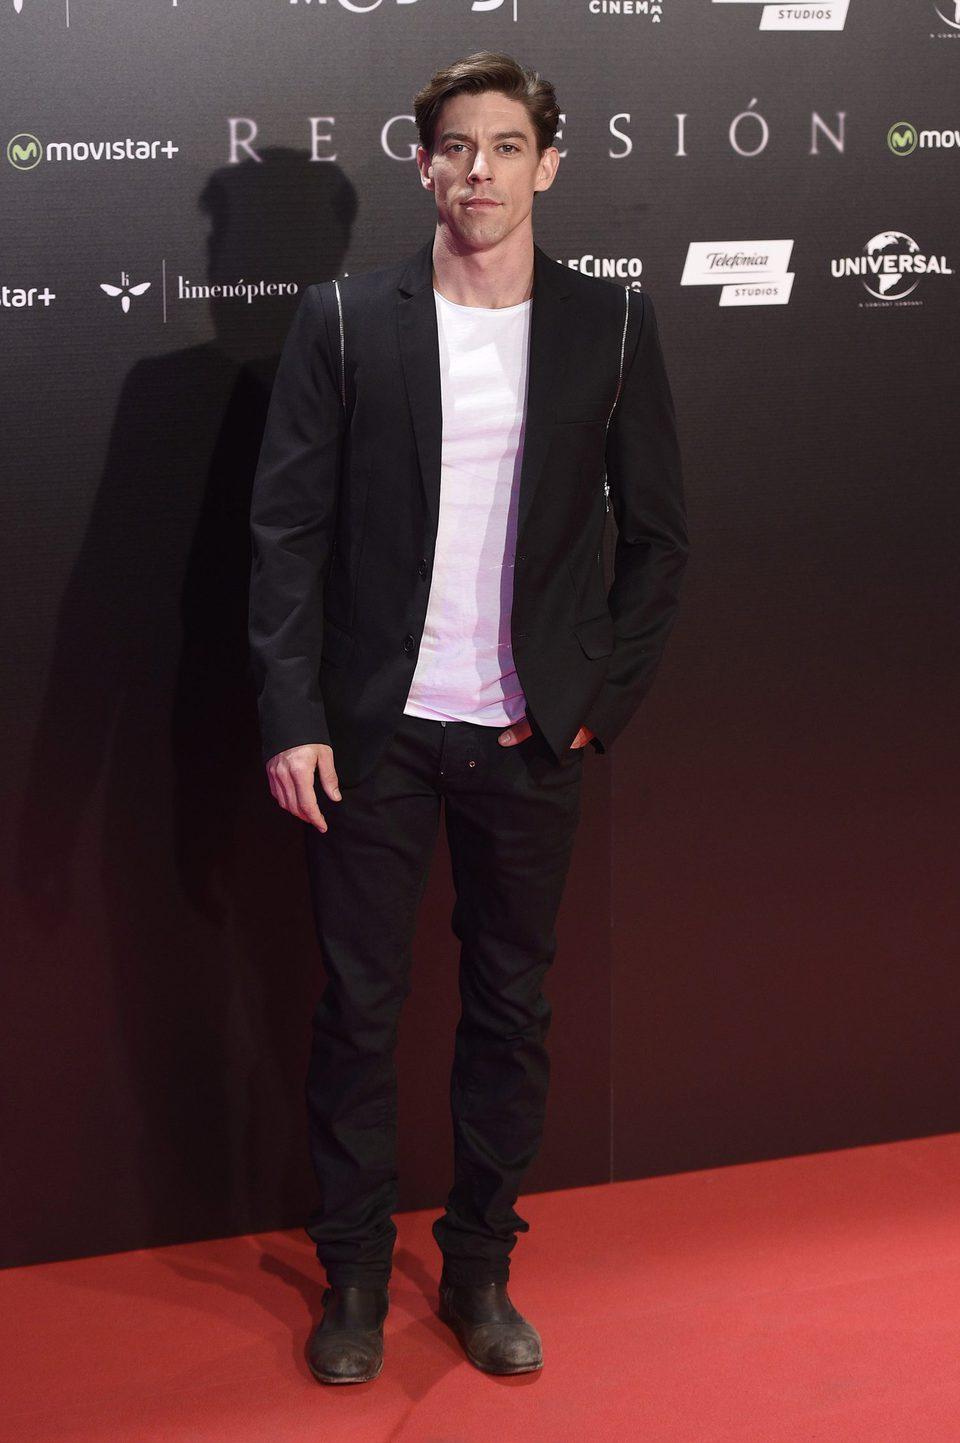 Adrián Lastra en la Premiere de 'Regresión' en Madrid